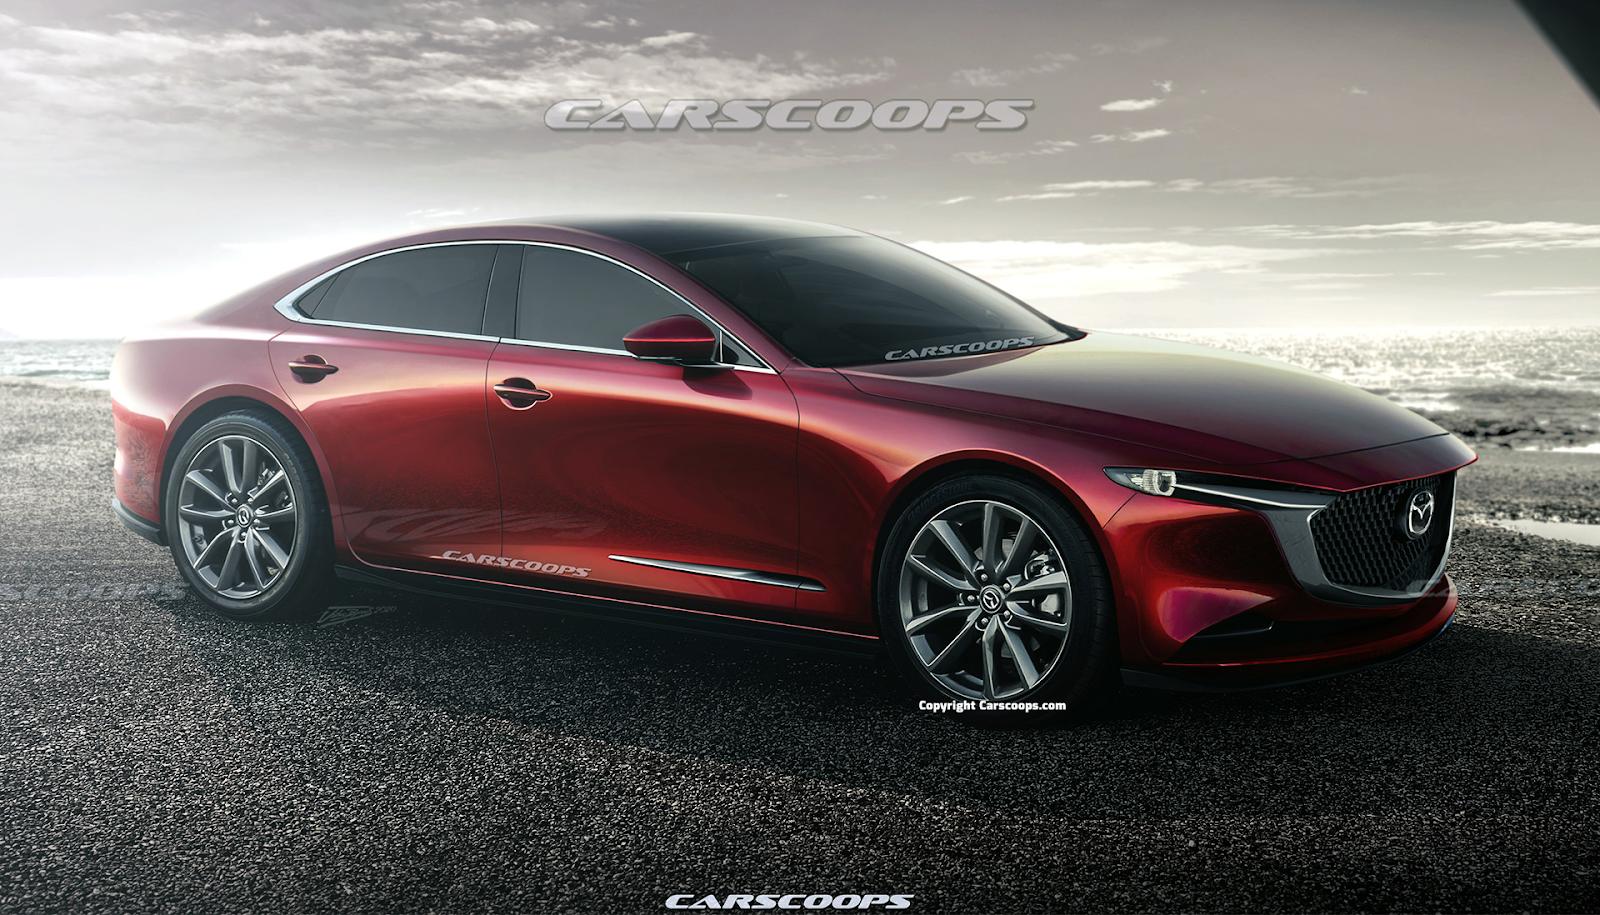 Mazda 6 2021 có thiết kế chuẩn khuôn mẫu trong phân khúc xe Sedan